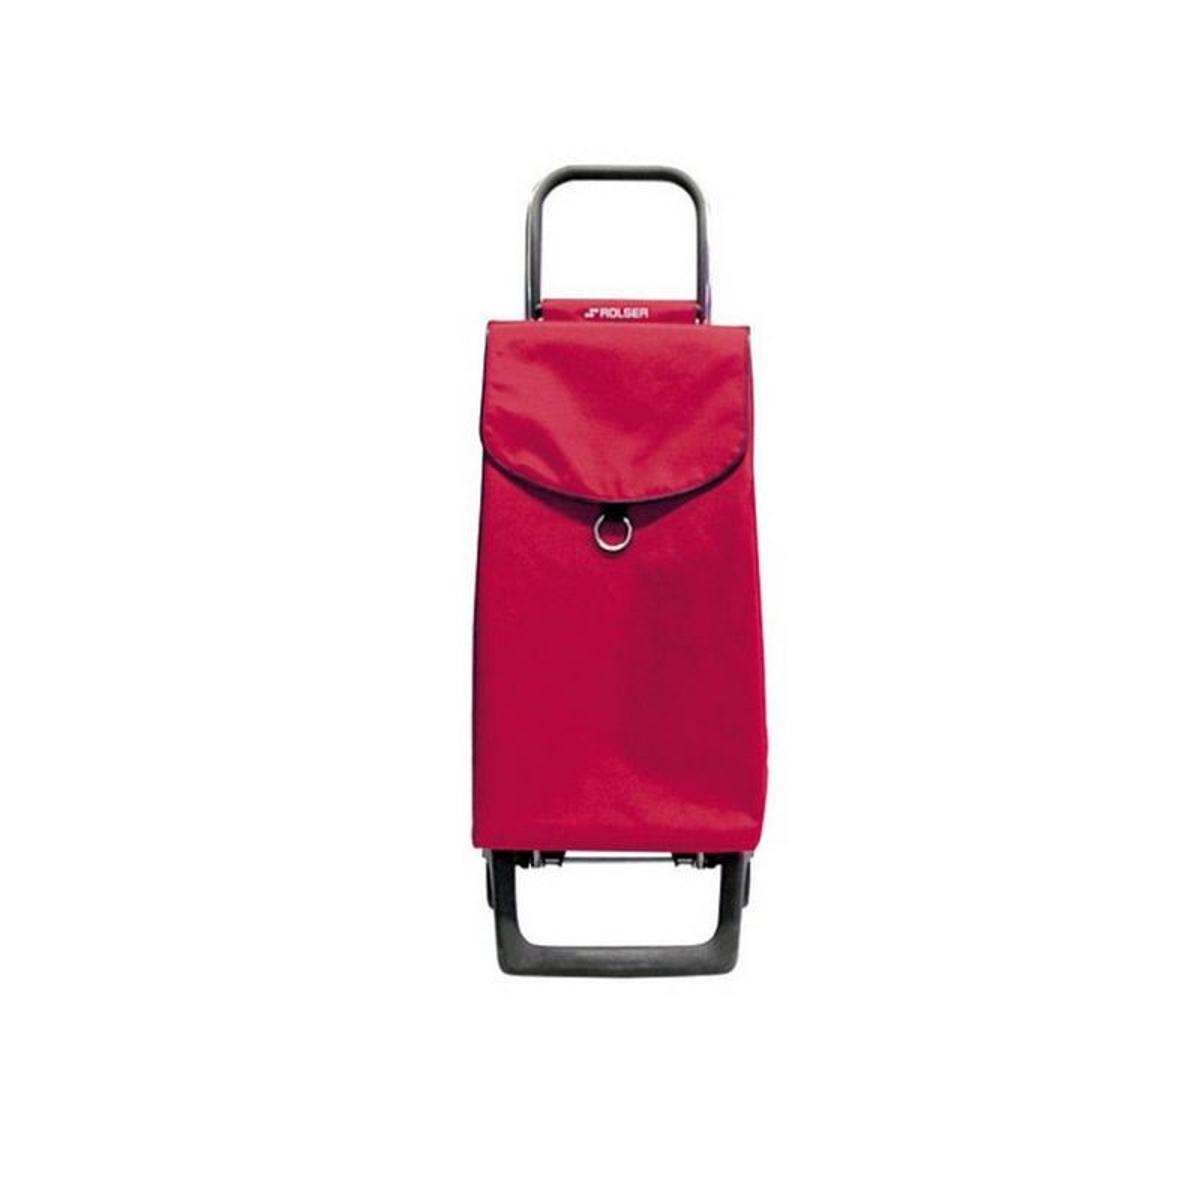 rolser - poussette de marché 2 roues 45l bordeaux - pep001bassi